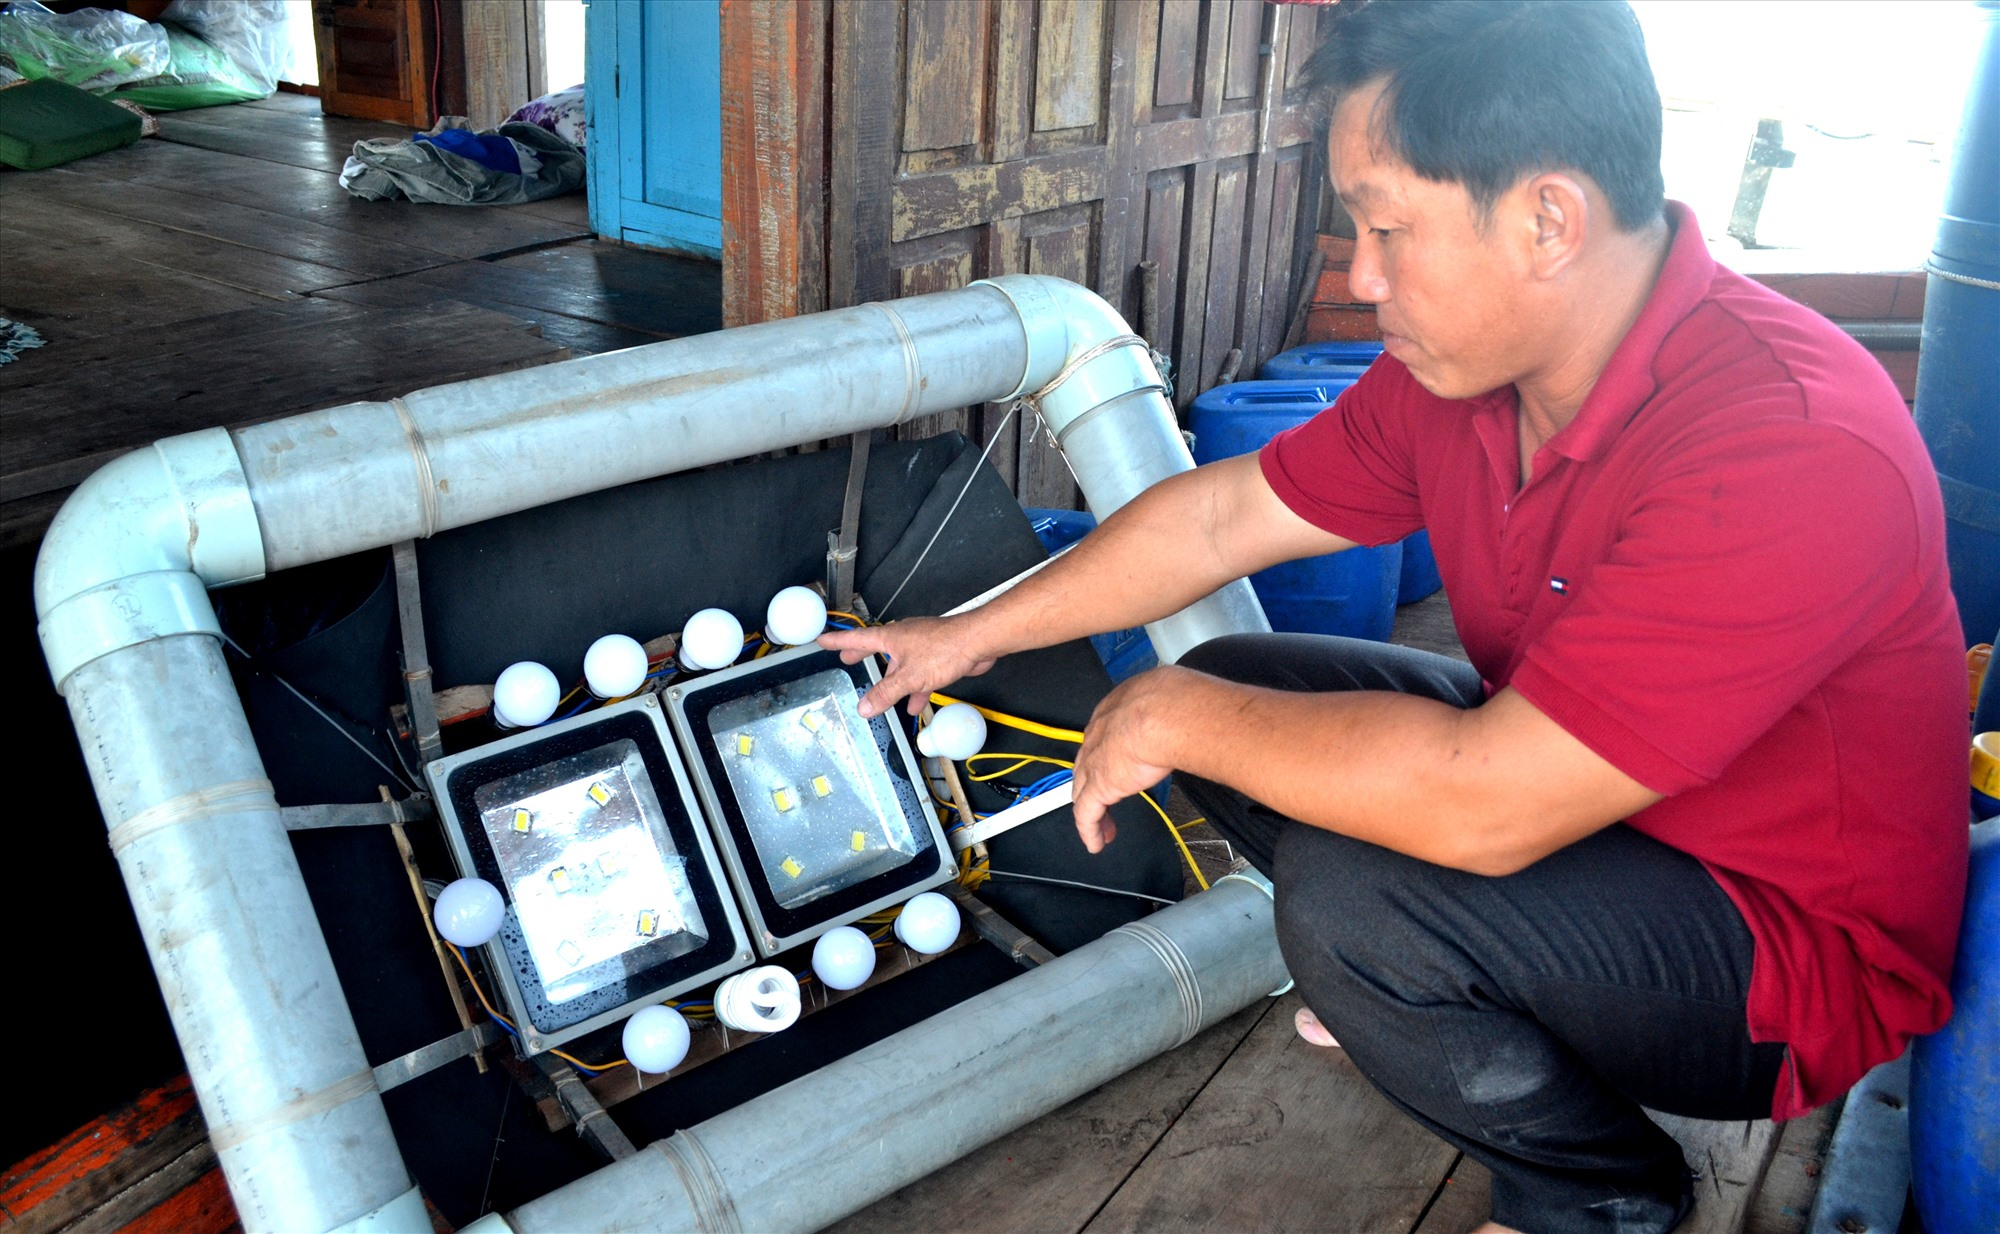 Ngư dân cần ứng dụng công nghệ mới để nâng cao hiệu quả khai thác hải sản. Ảnh: Q.Việt